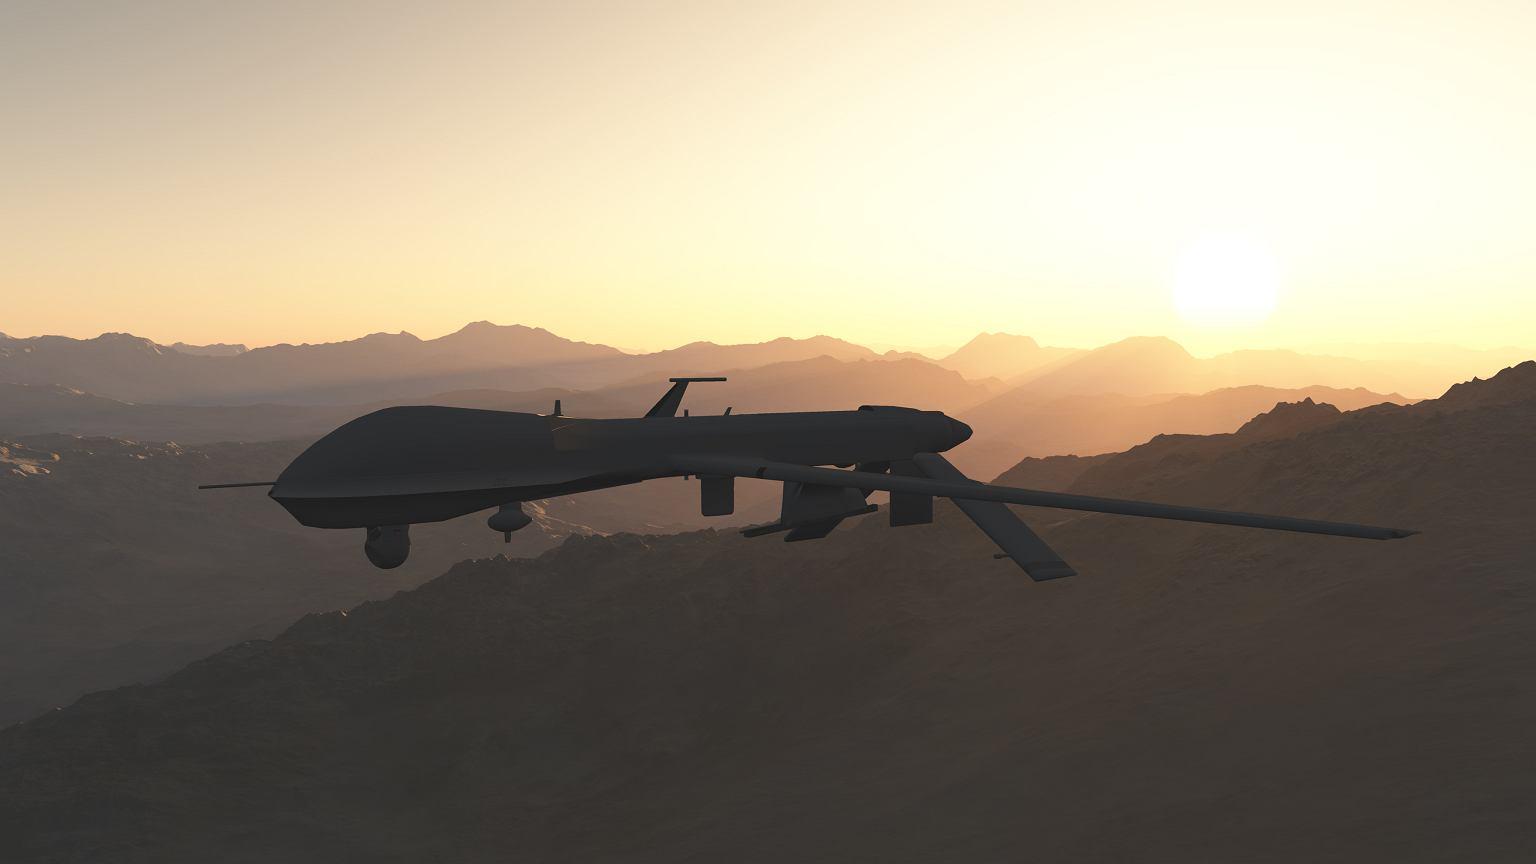 Irak: Sprzeczne doniesienia ws. kolejnego ataku. W nalocie drona miało zginąć kilka osób | Wiadomości ze świata - Gazeta.pl